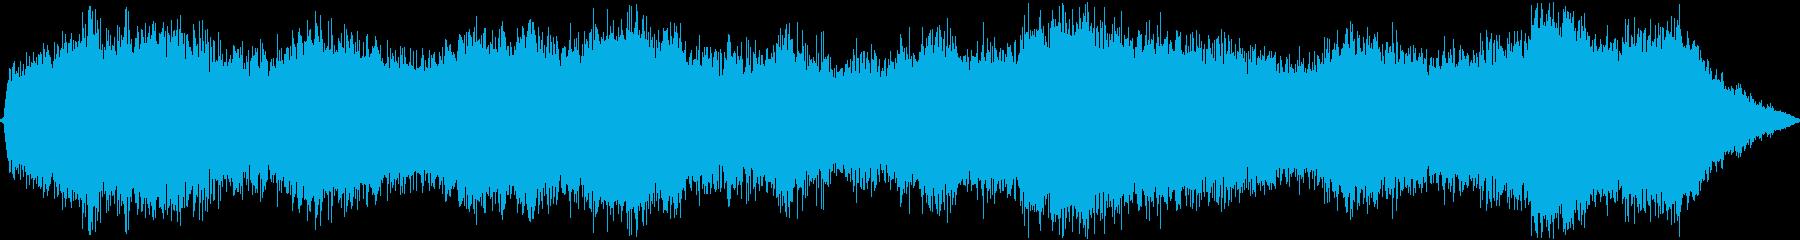 ダークアンビエント_05 リンリンの再生済みの波形